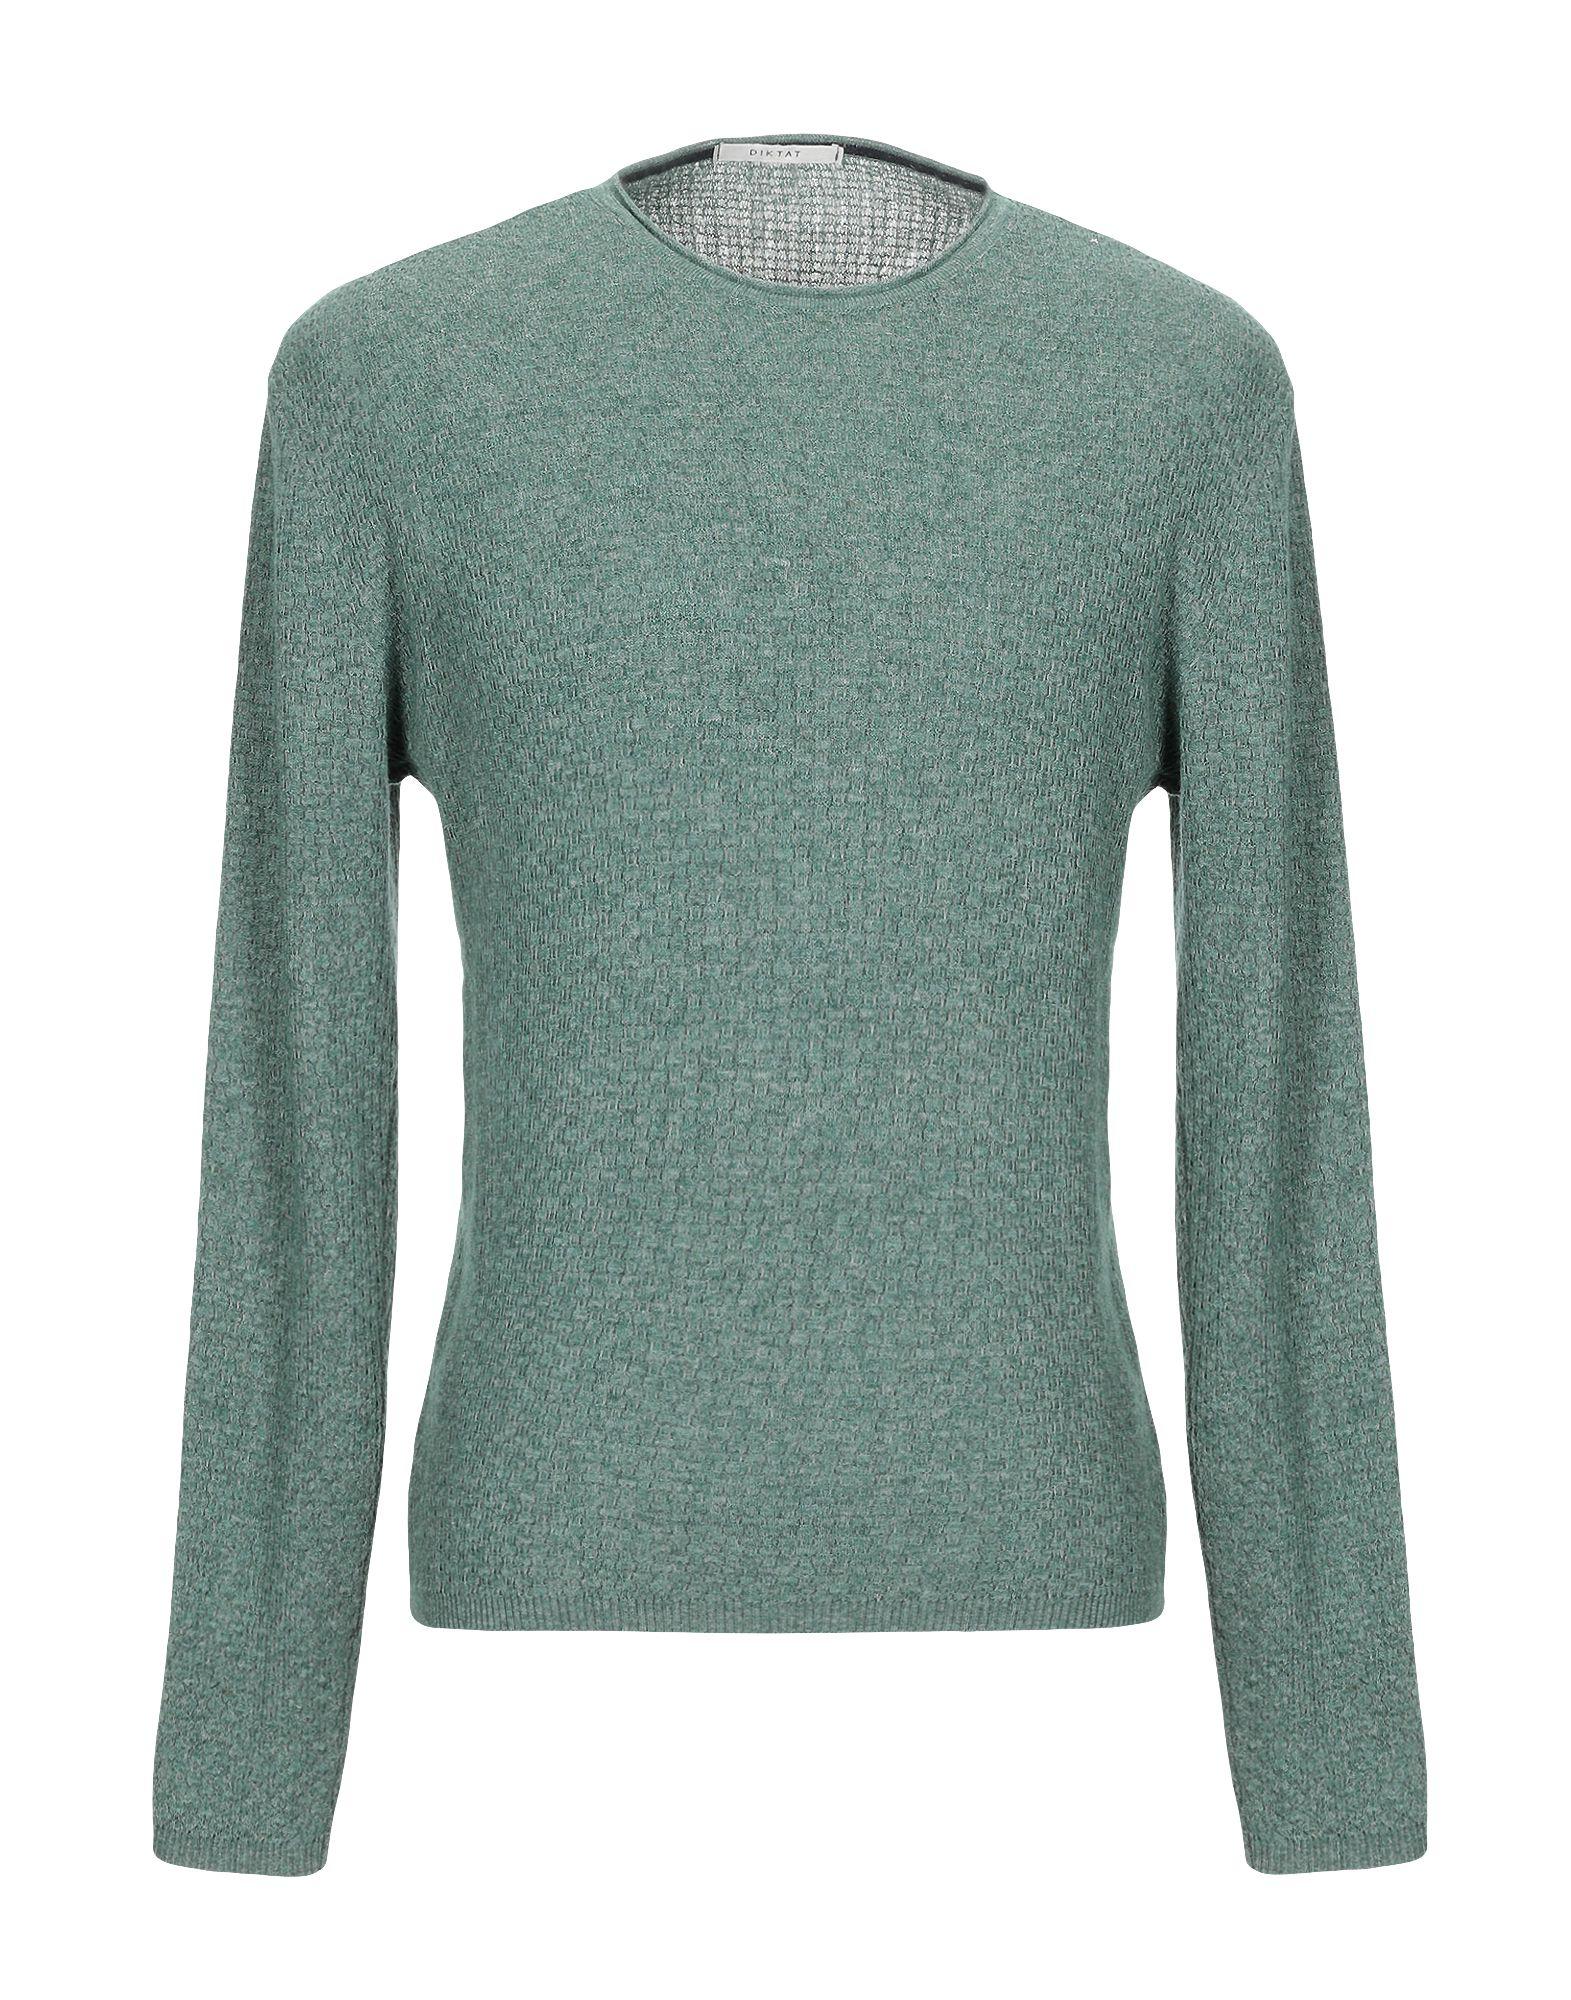 DIKTAT Sweaters - Item 39916234